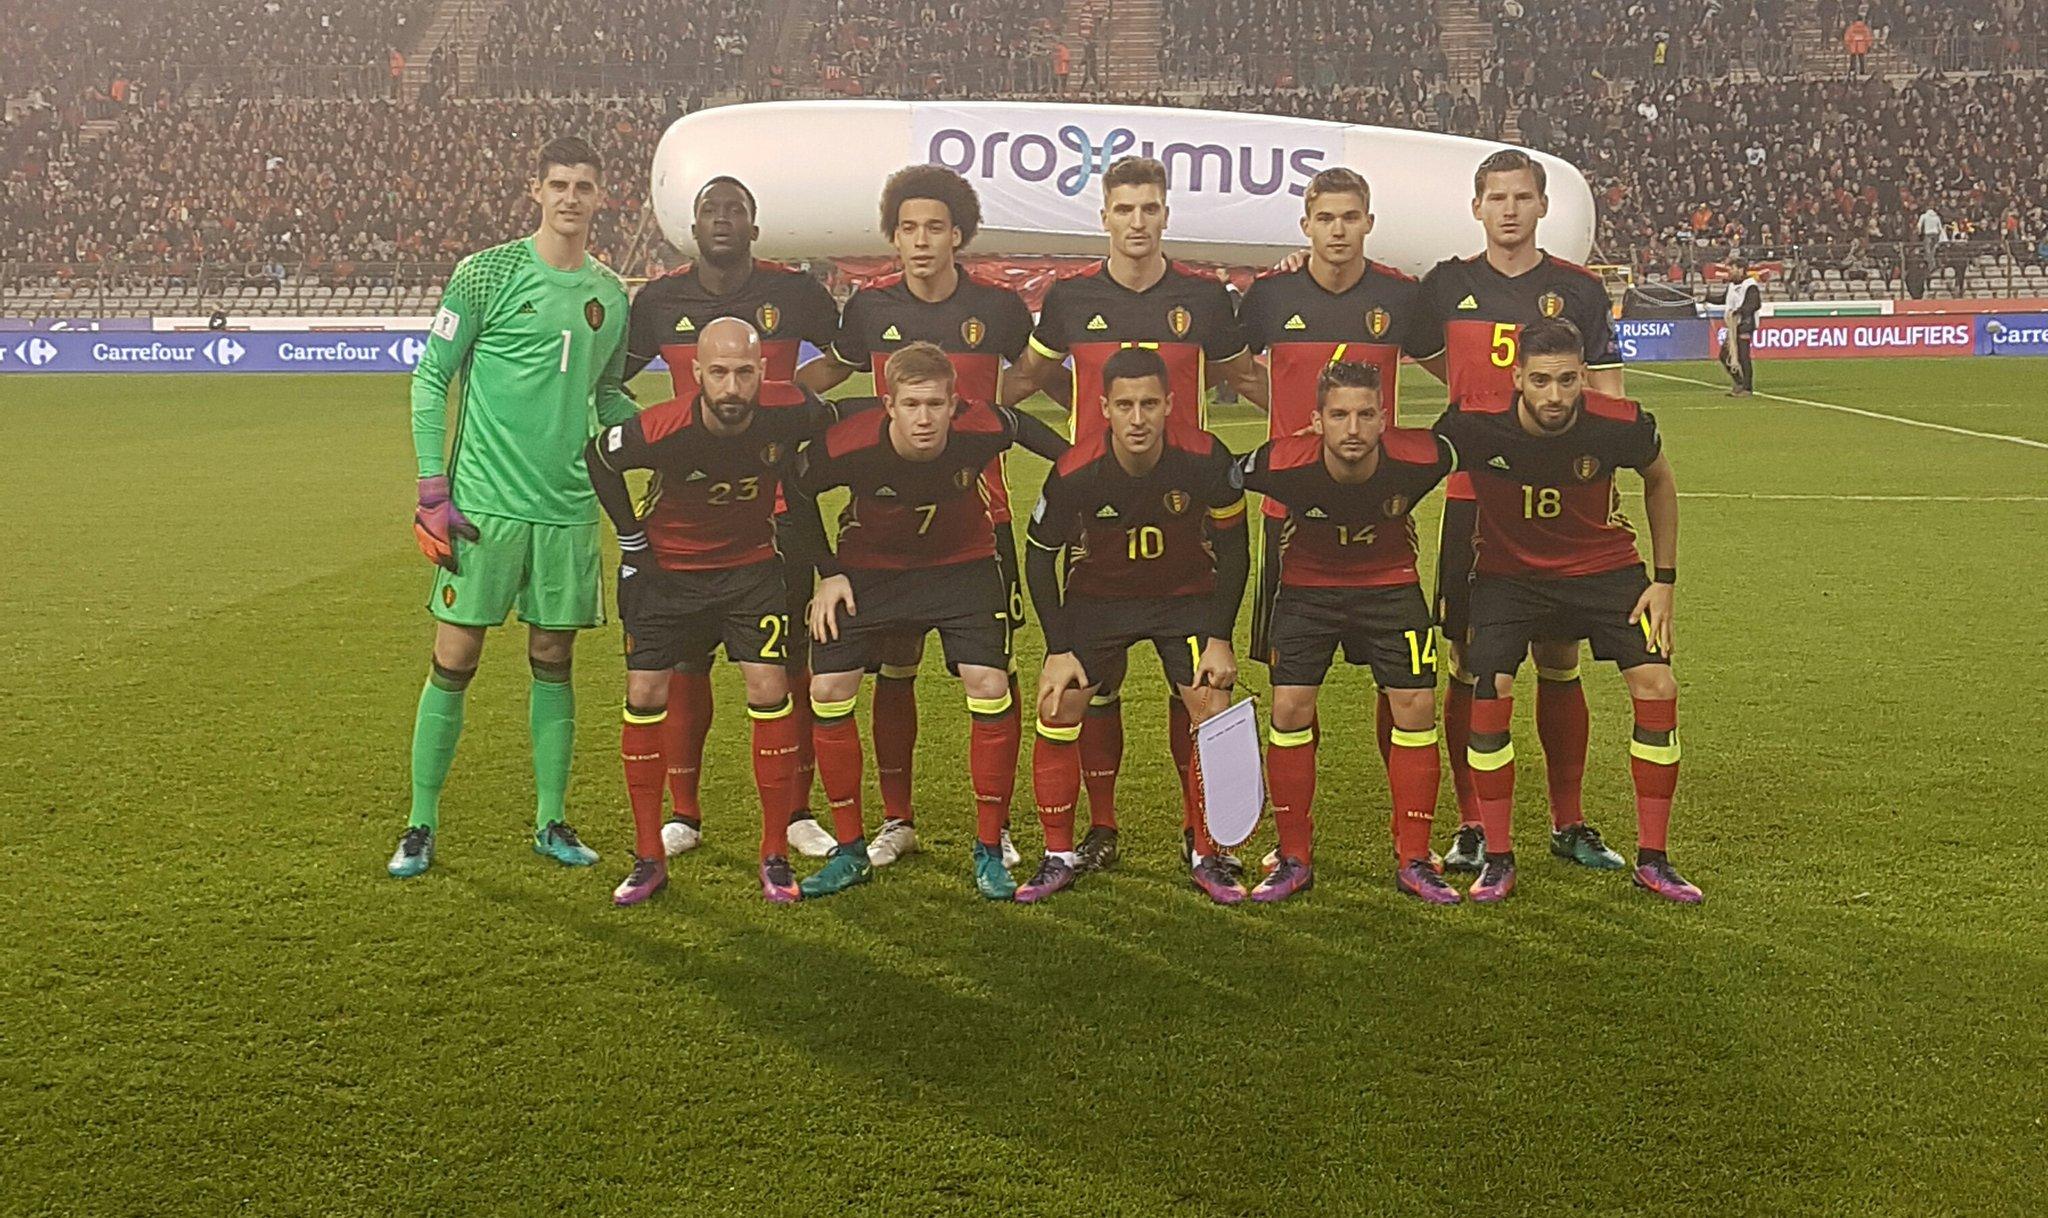 Meunier va mieux et est titulaire avec la Belgique contre l'Estonie.jpg